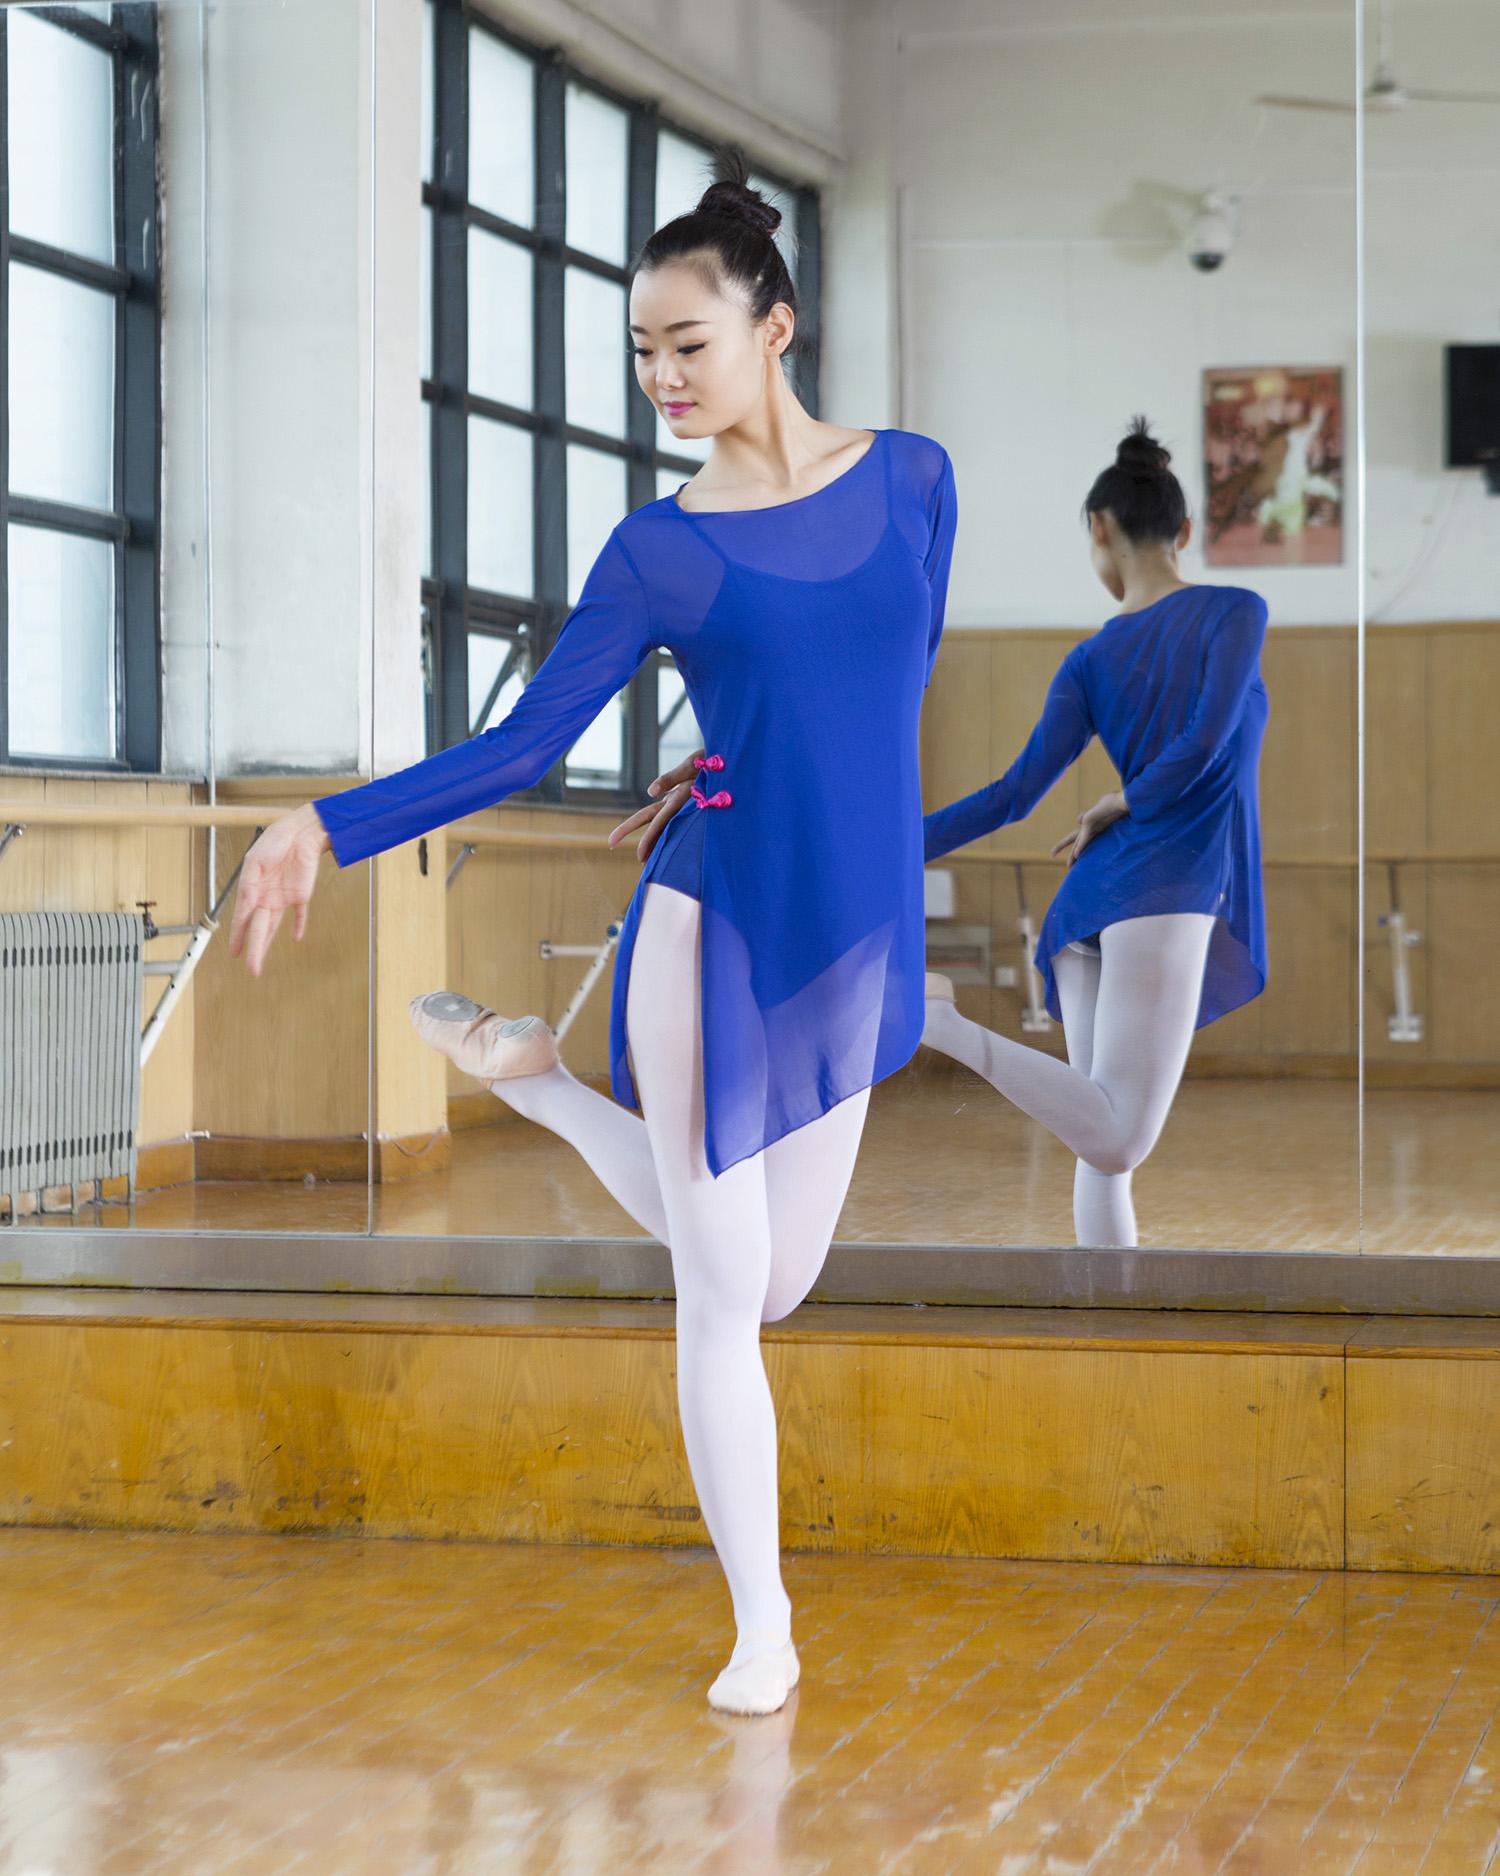 Балет протектор одежда для взрослых танец практика гонг одежда пряжа одежда левис народ танец одежда классическая танец практика одежда эластичность чистый